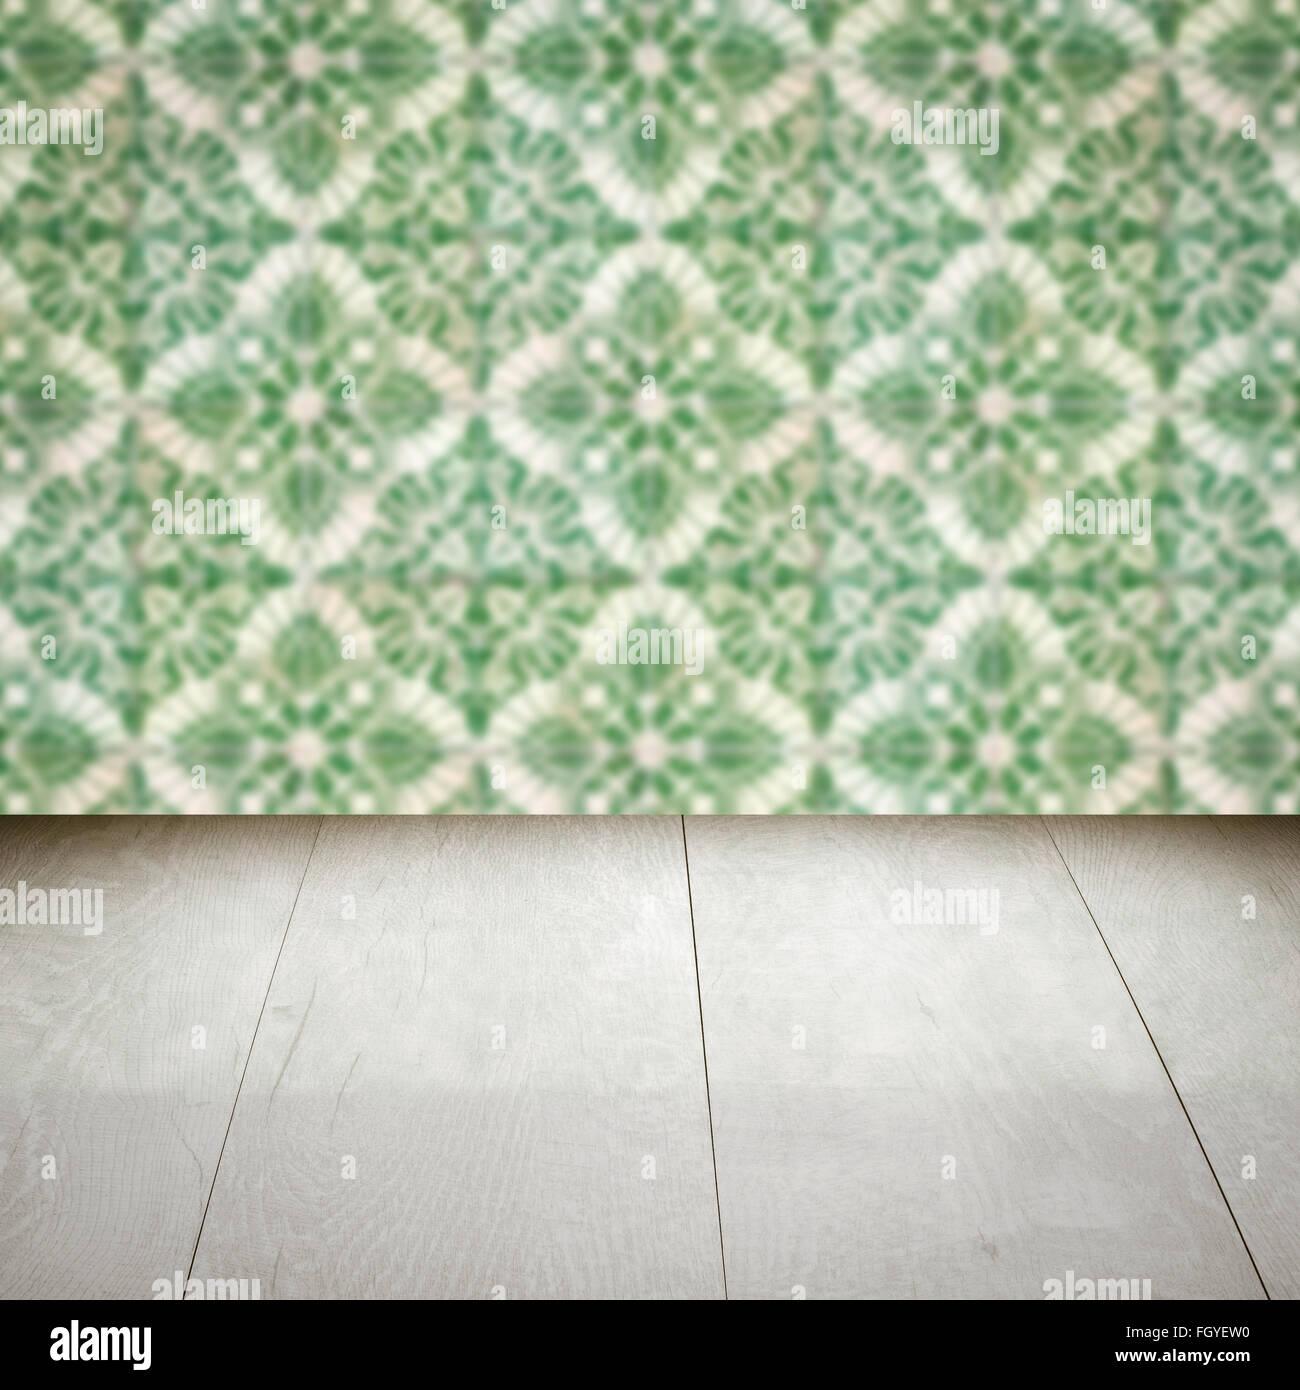 Leeren Sie Holz Tischplatte Und Unschärfe Vintage Keramikfliesen Muster Wand  Im Hintergrund, Mock Vorlage Für Die Darstellung Ihres Produktes.